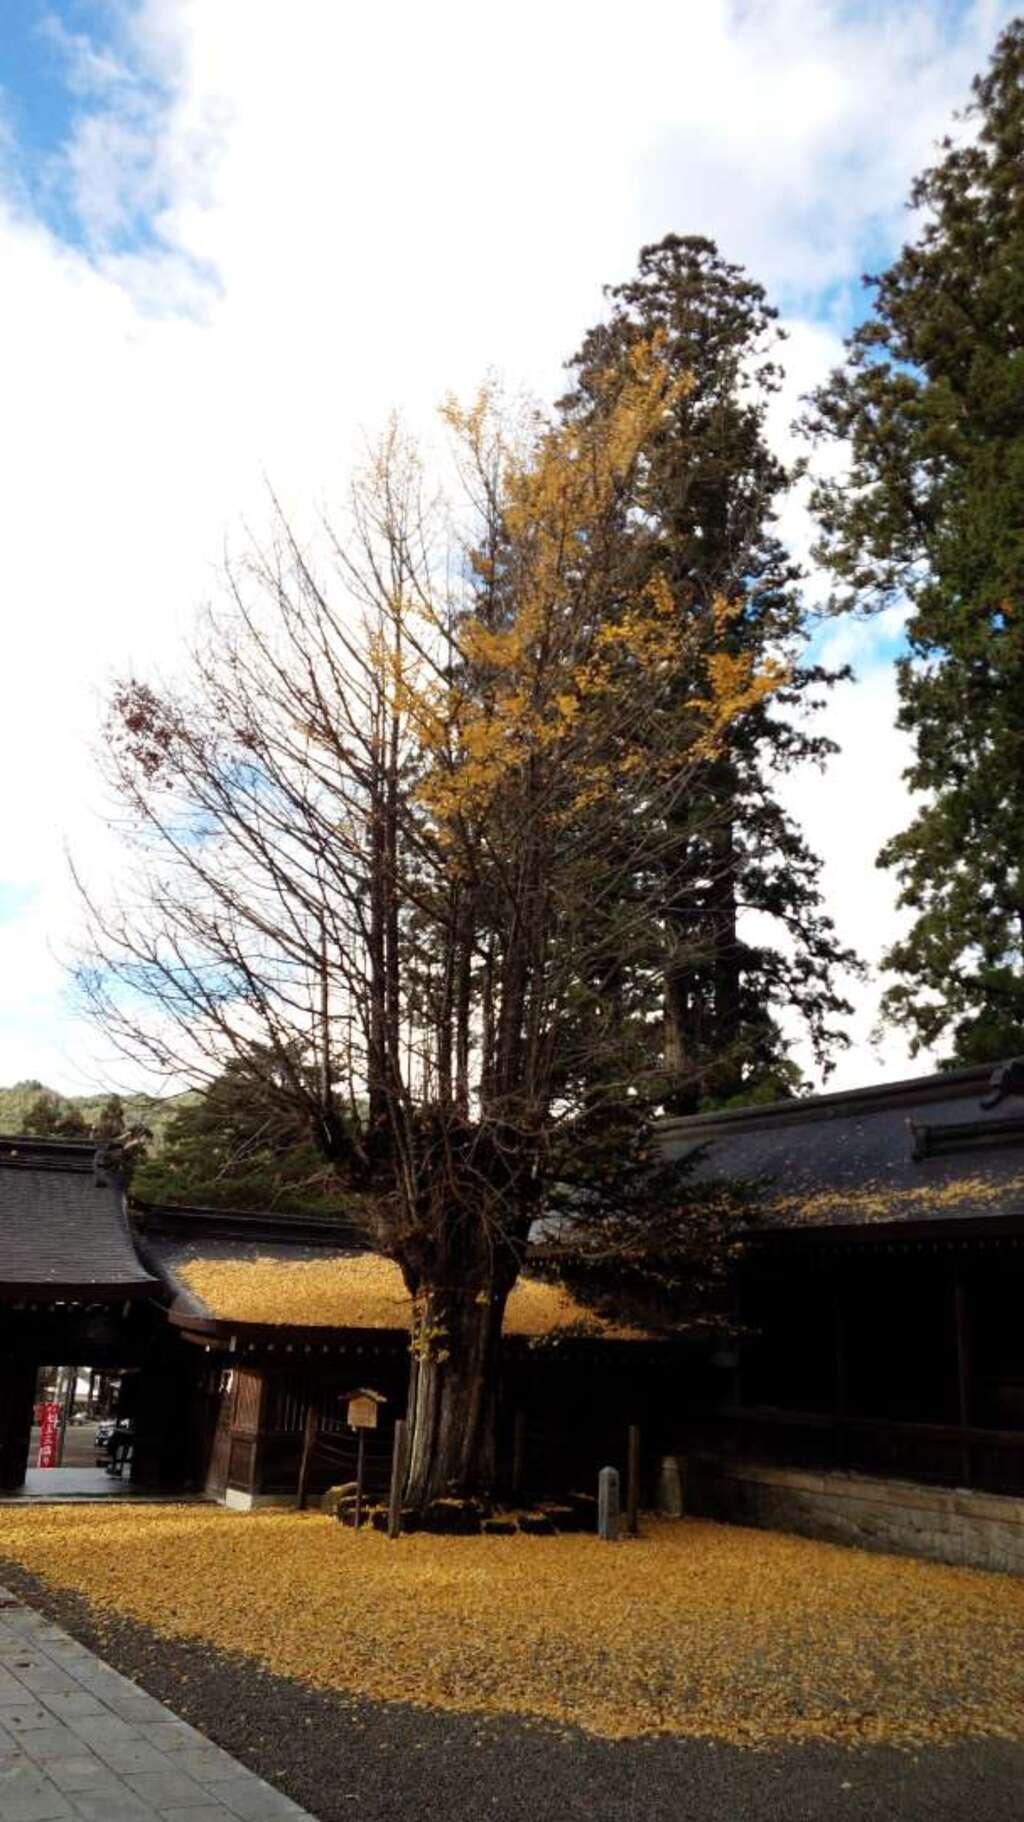 飛騨一宮水無神社の建物その他